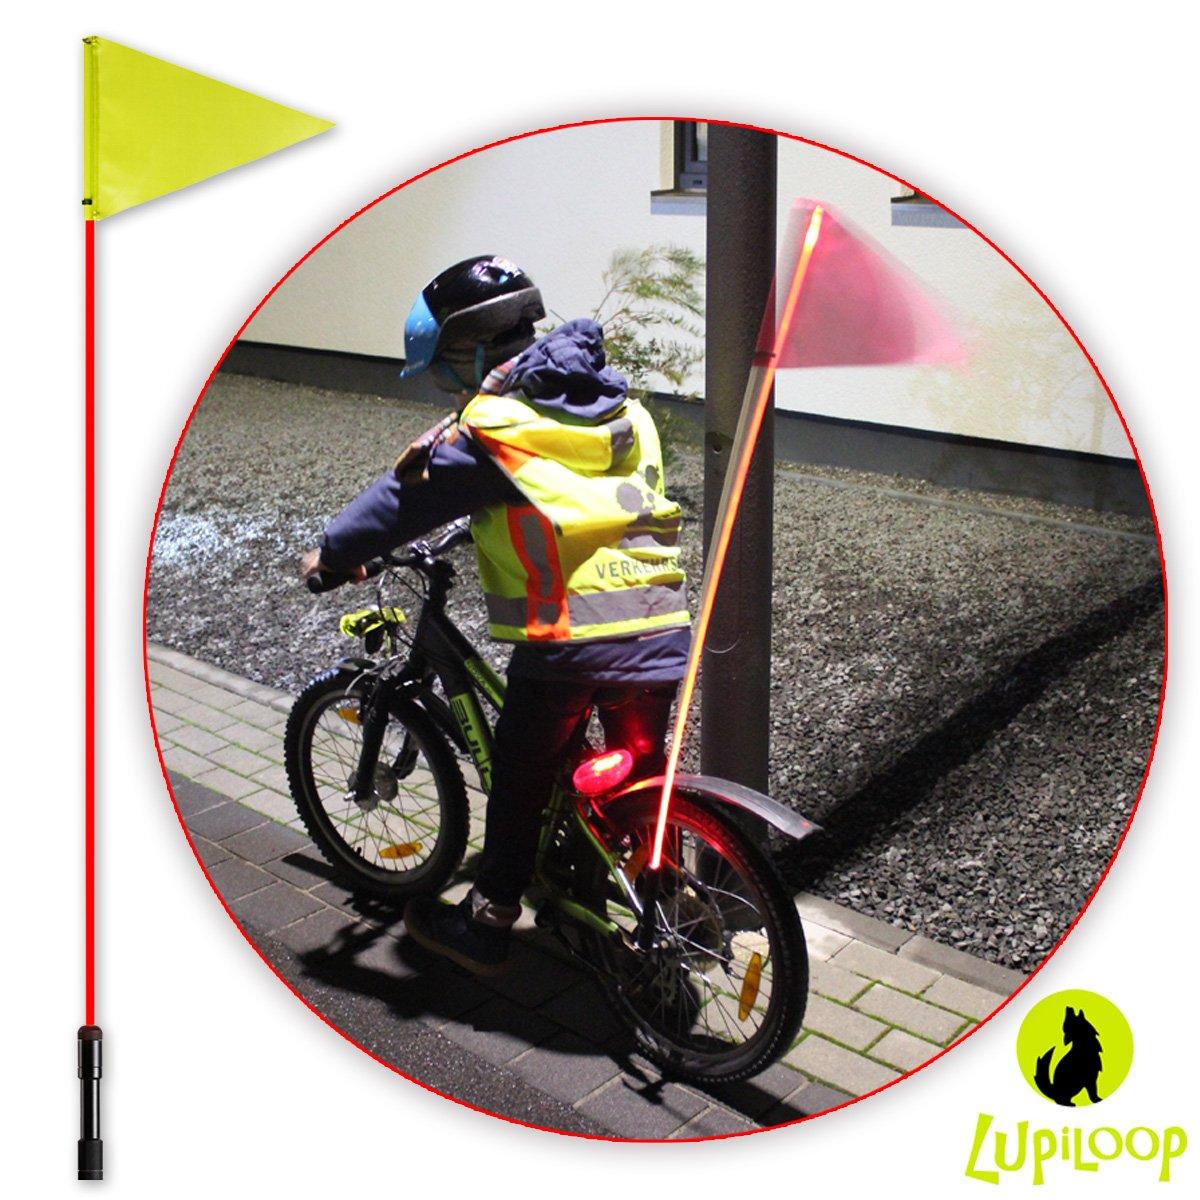 lupiloop – Intermitente rojo LED bicicleta banderín Barra ...